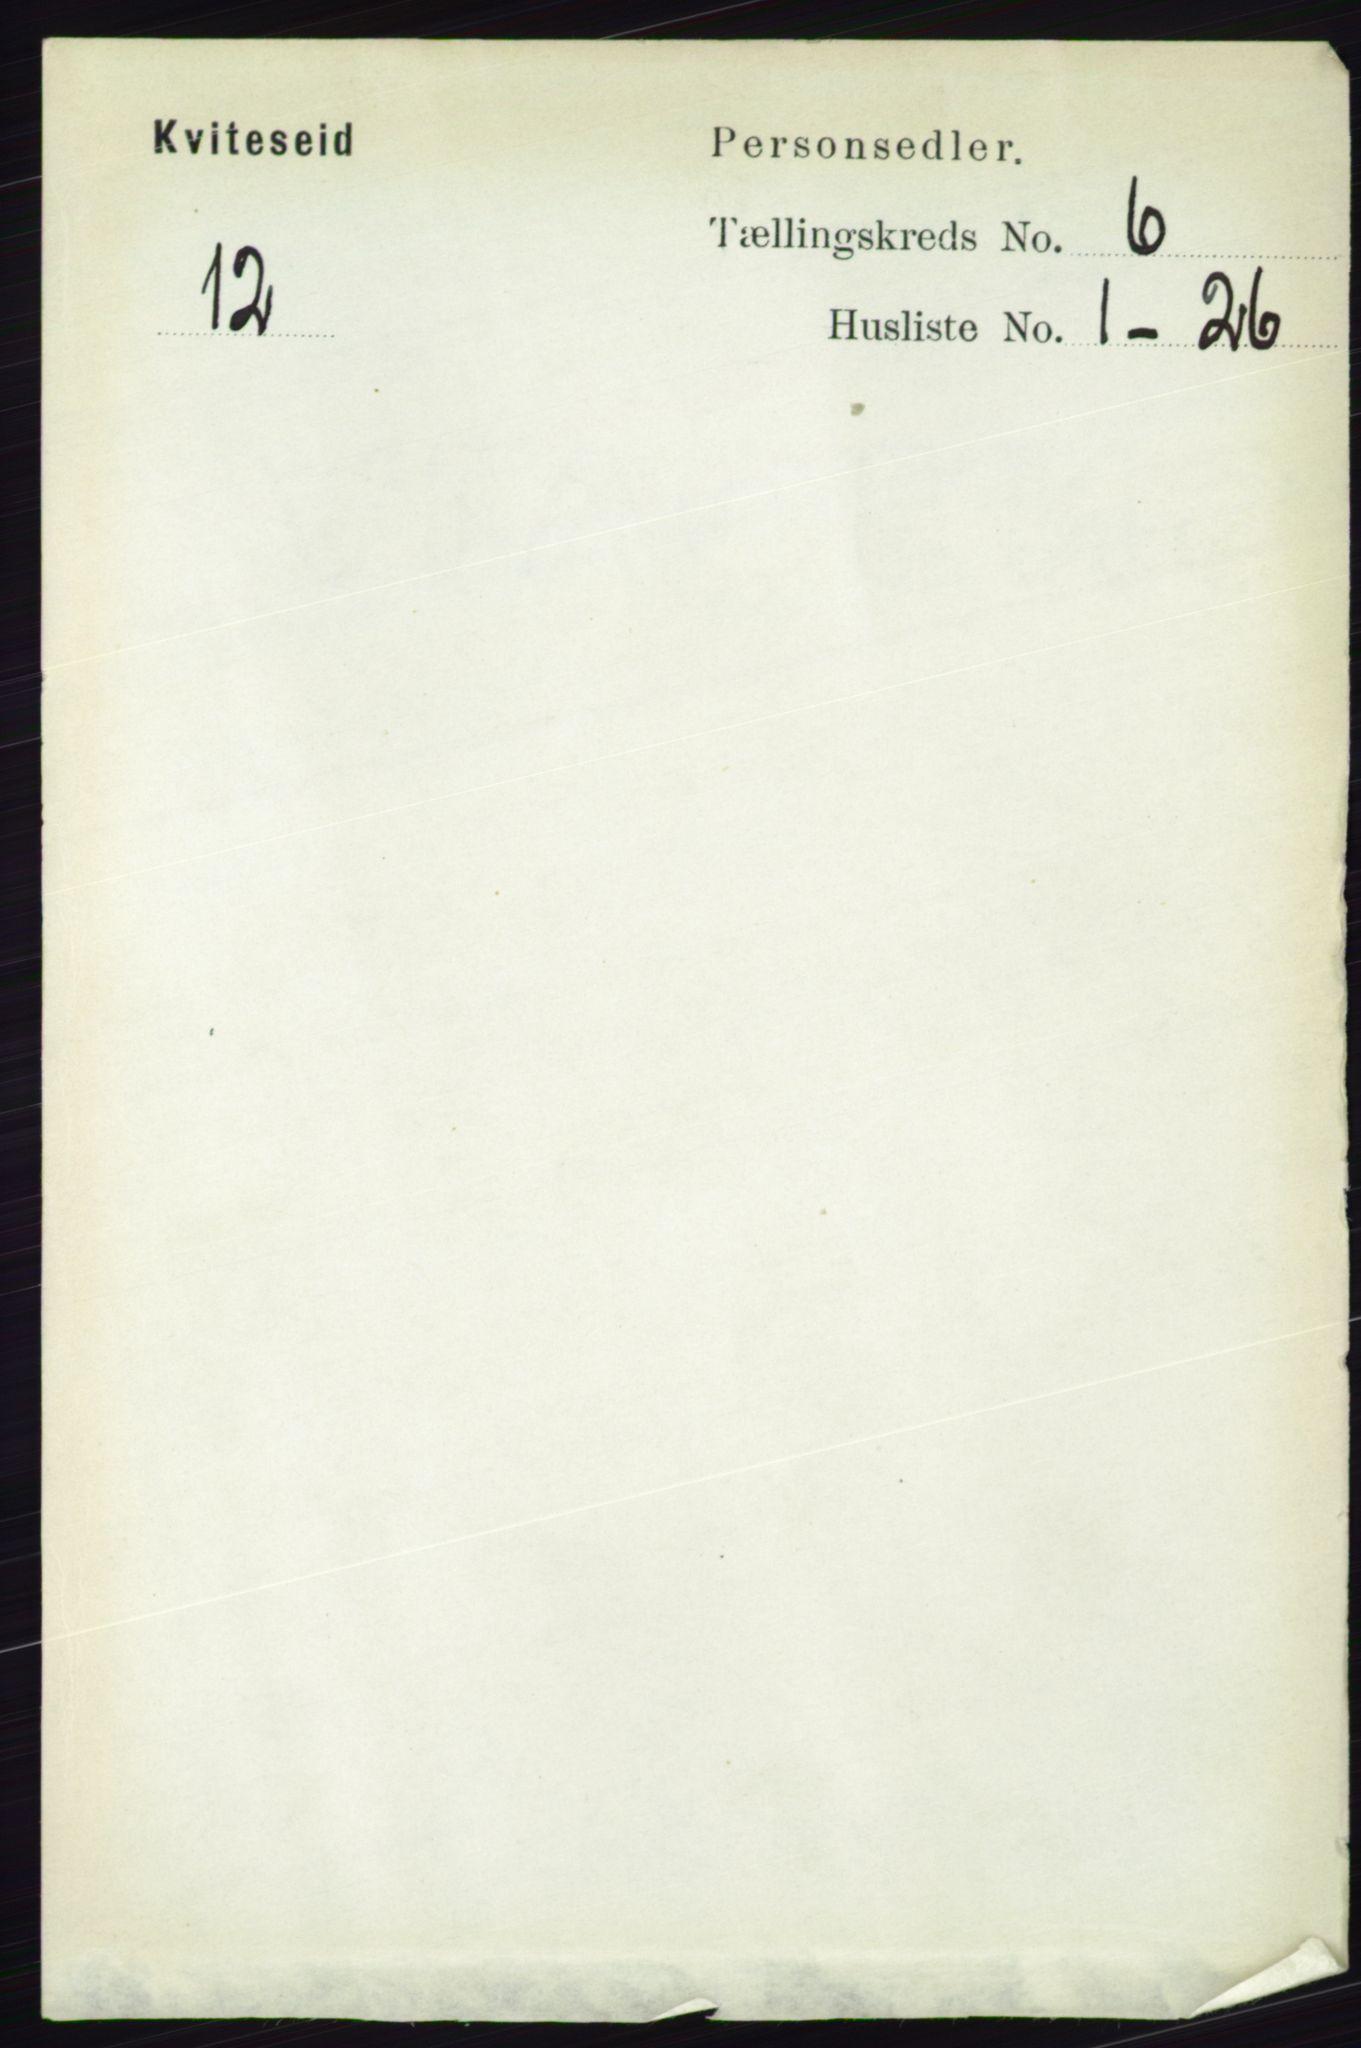 RA, Folketelling 1891 for 0829 Kviteseid herred, 1891, s. 1167